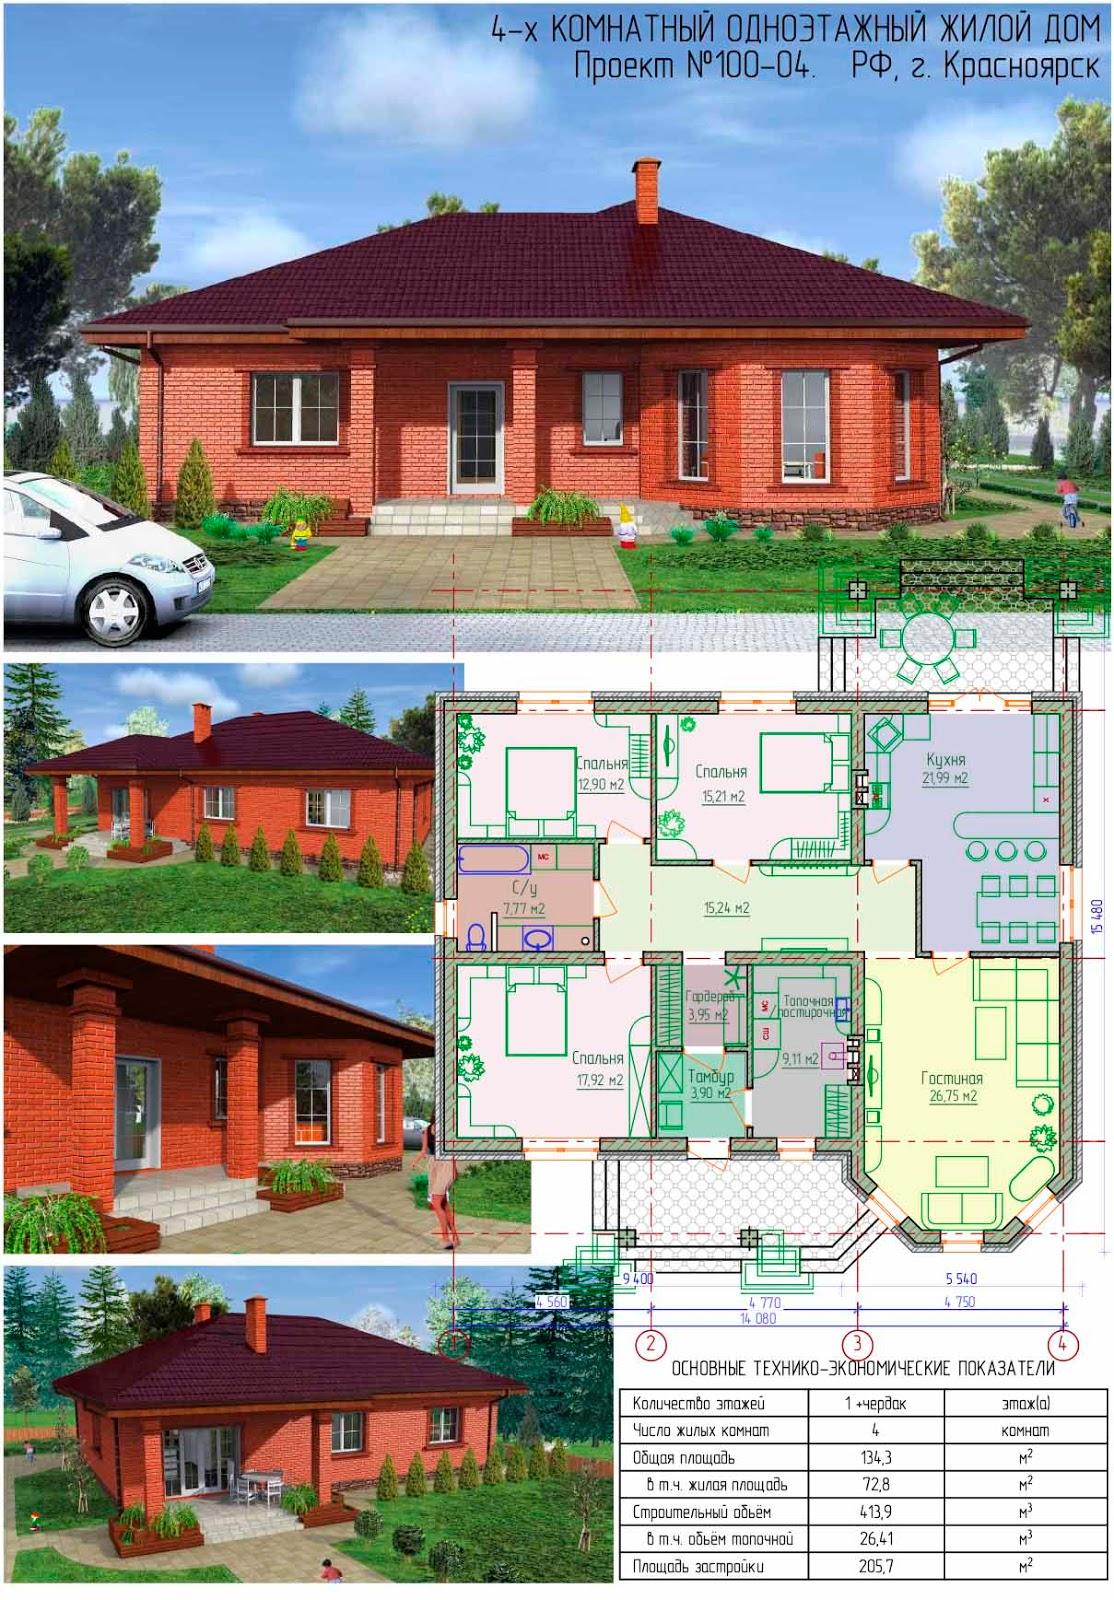 Проекты каркасных домов с мансардой - цены под ключ на